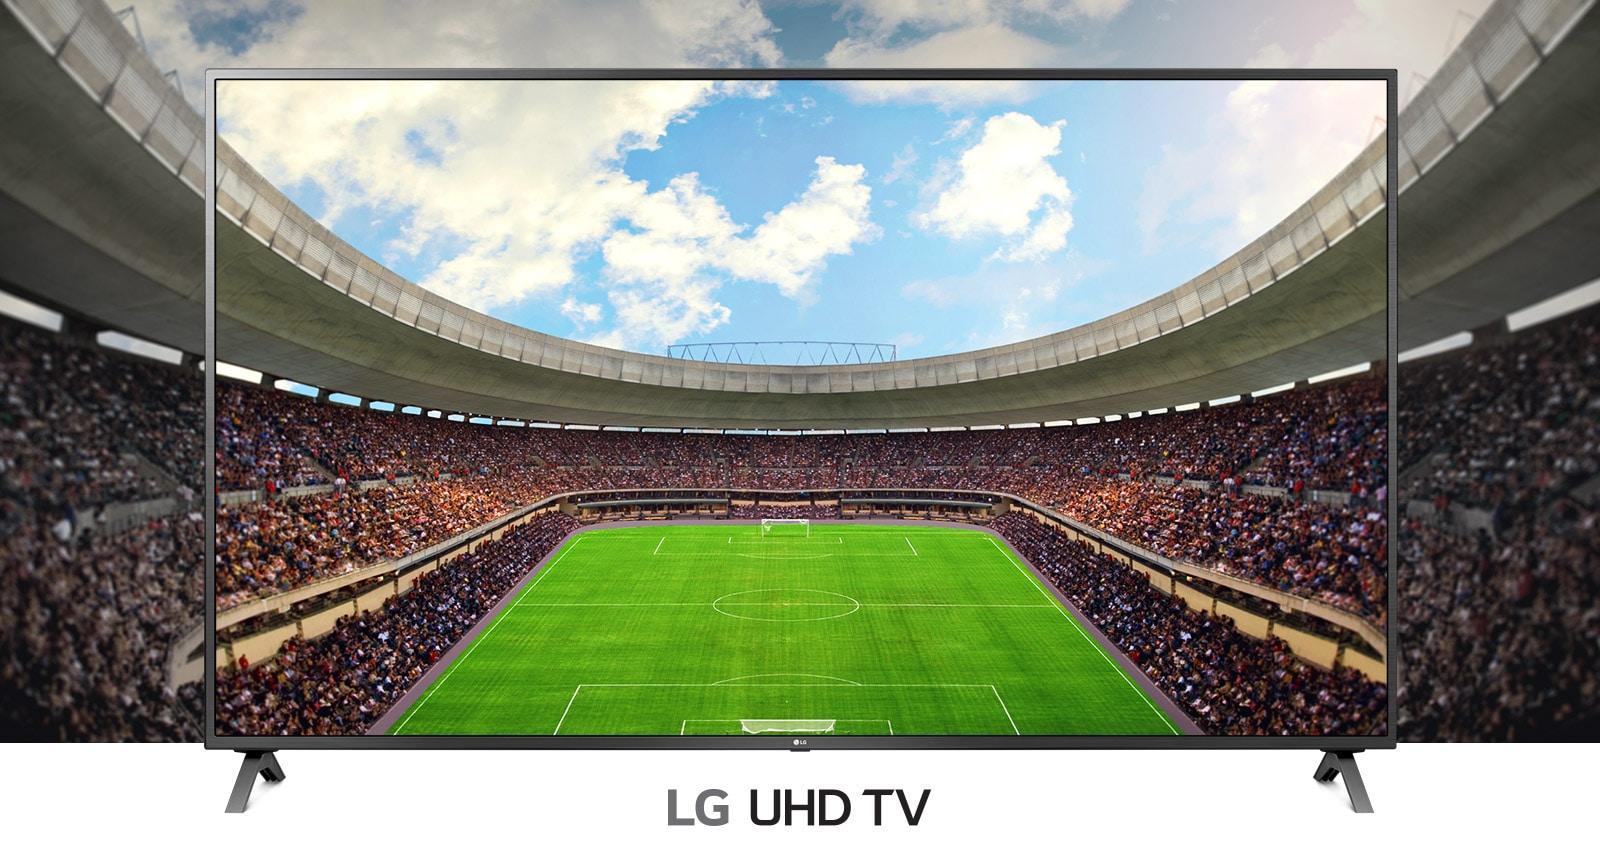 Панорамен изглед на футболен стадион, пълен със зрители, показан в телевизионен кадър.